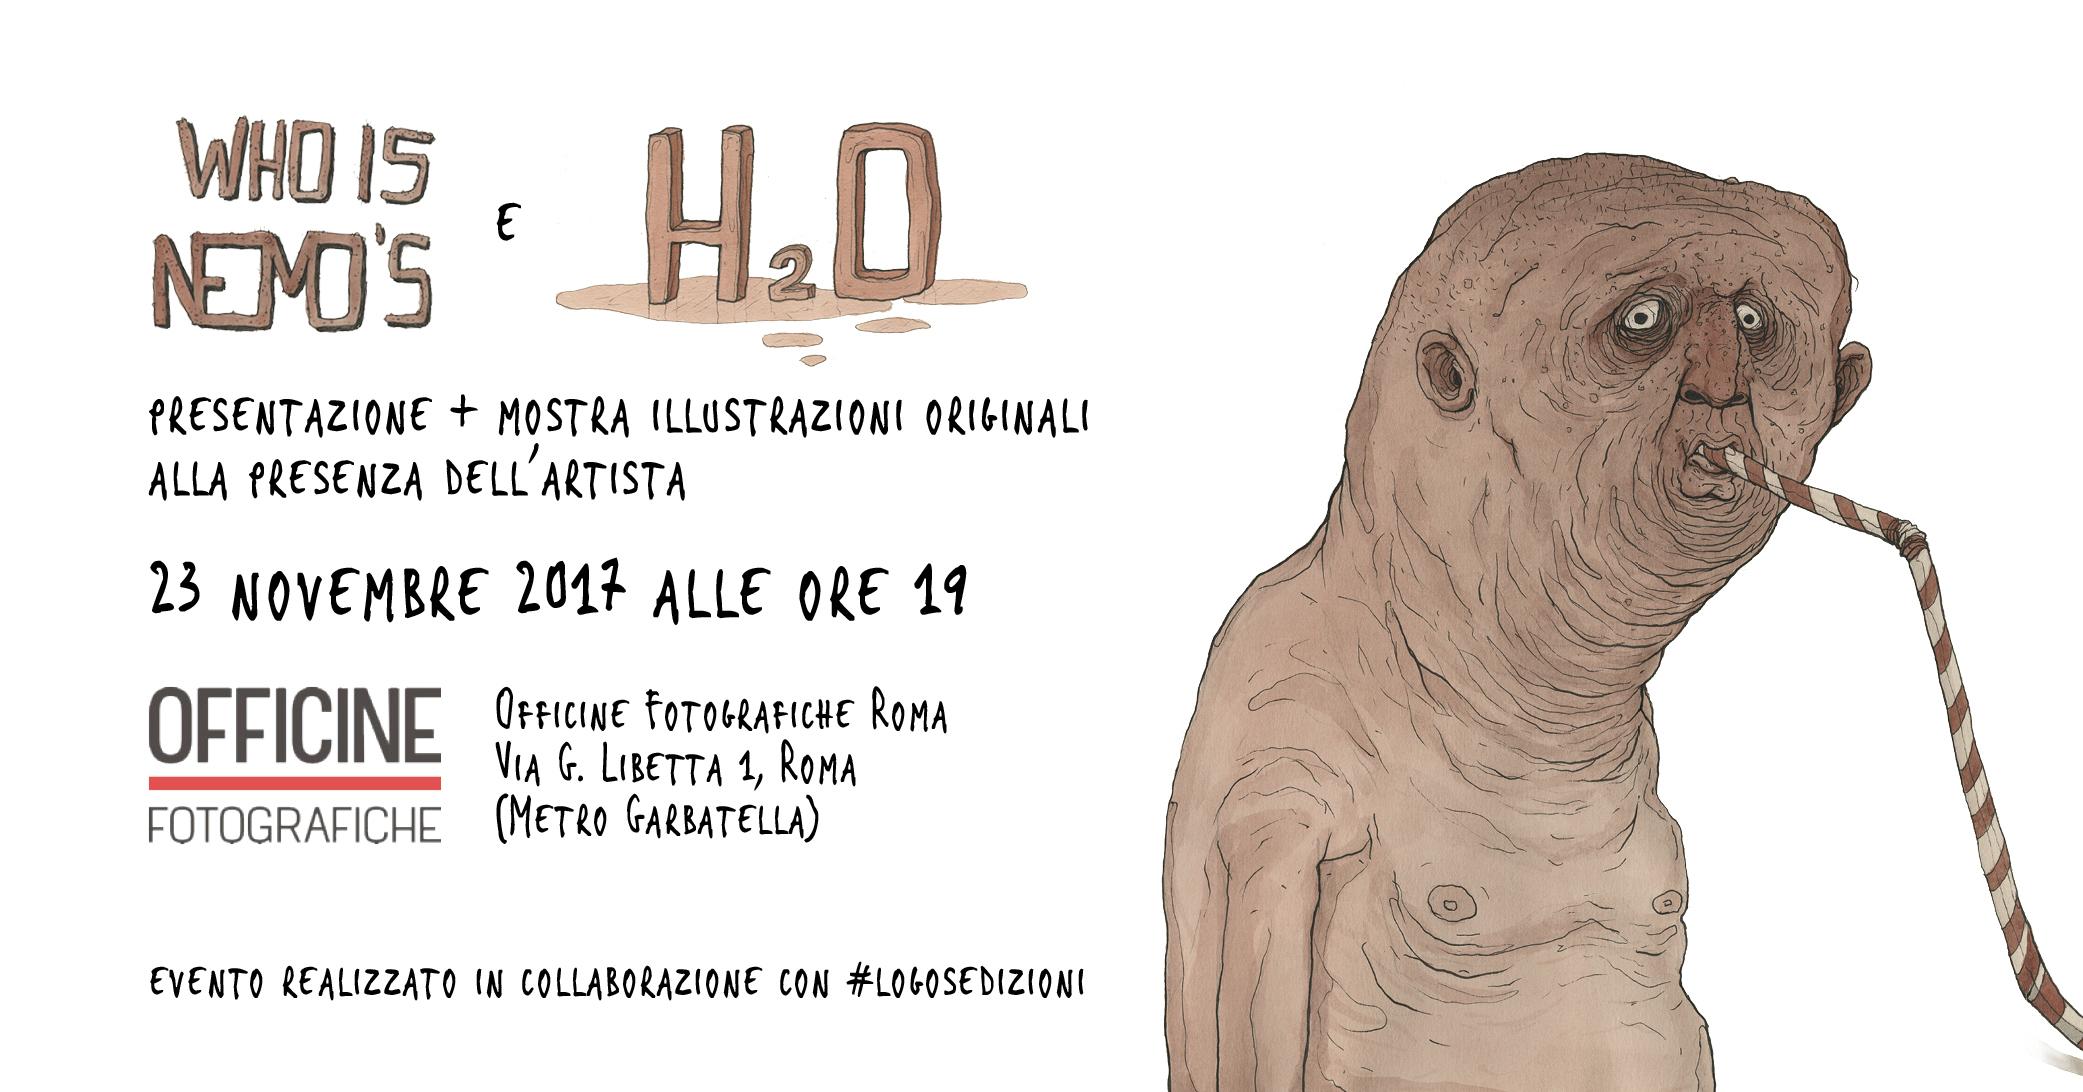 Nemo immagine evento roma novembre 2017